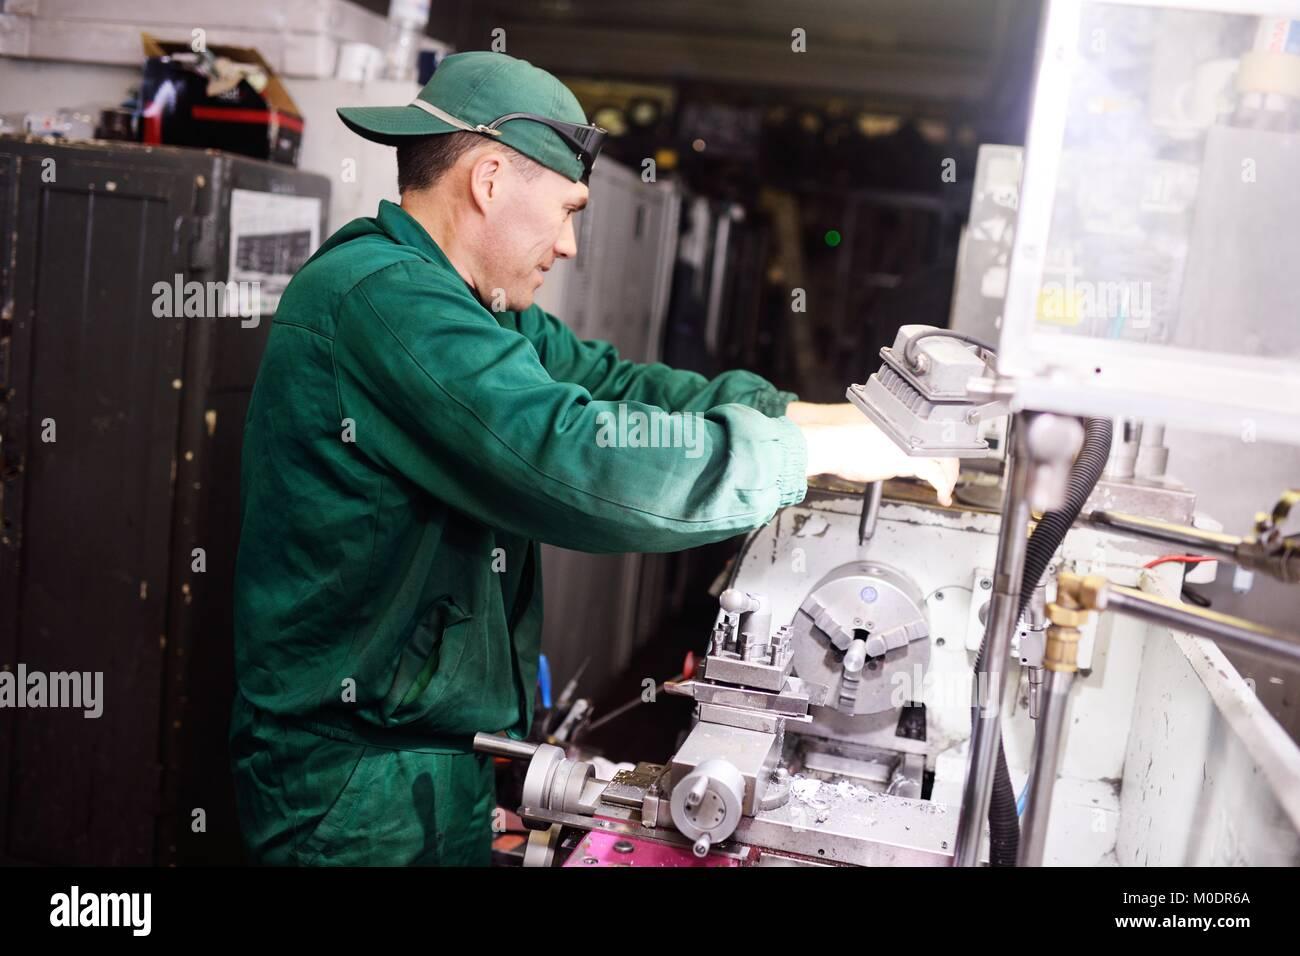 Hombre trabajando en monos de trabajo Imagen De Stock